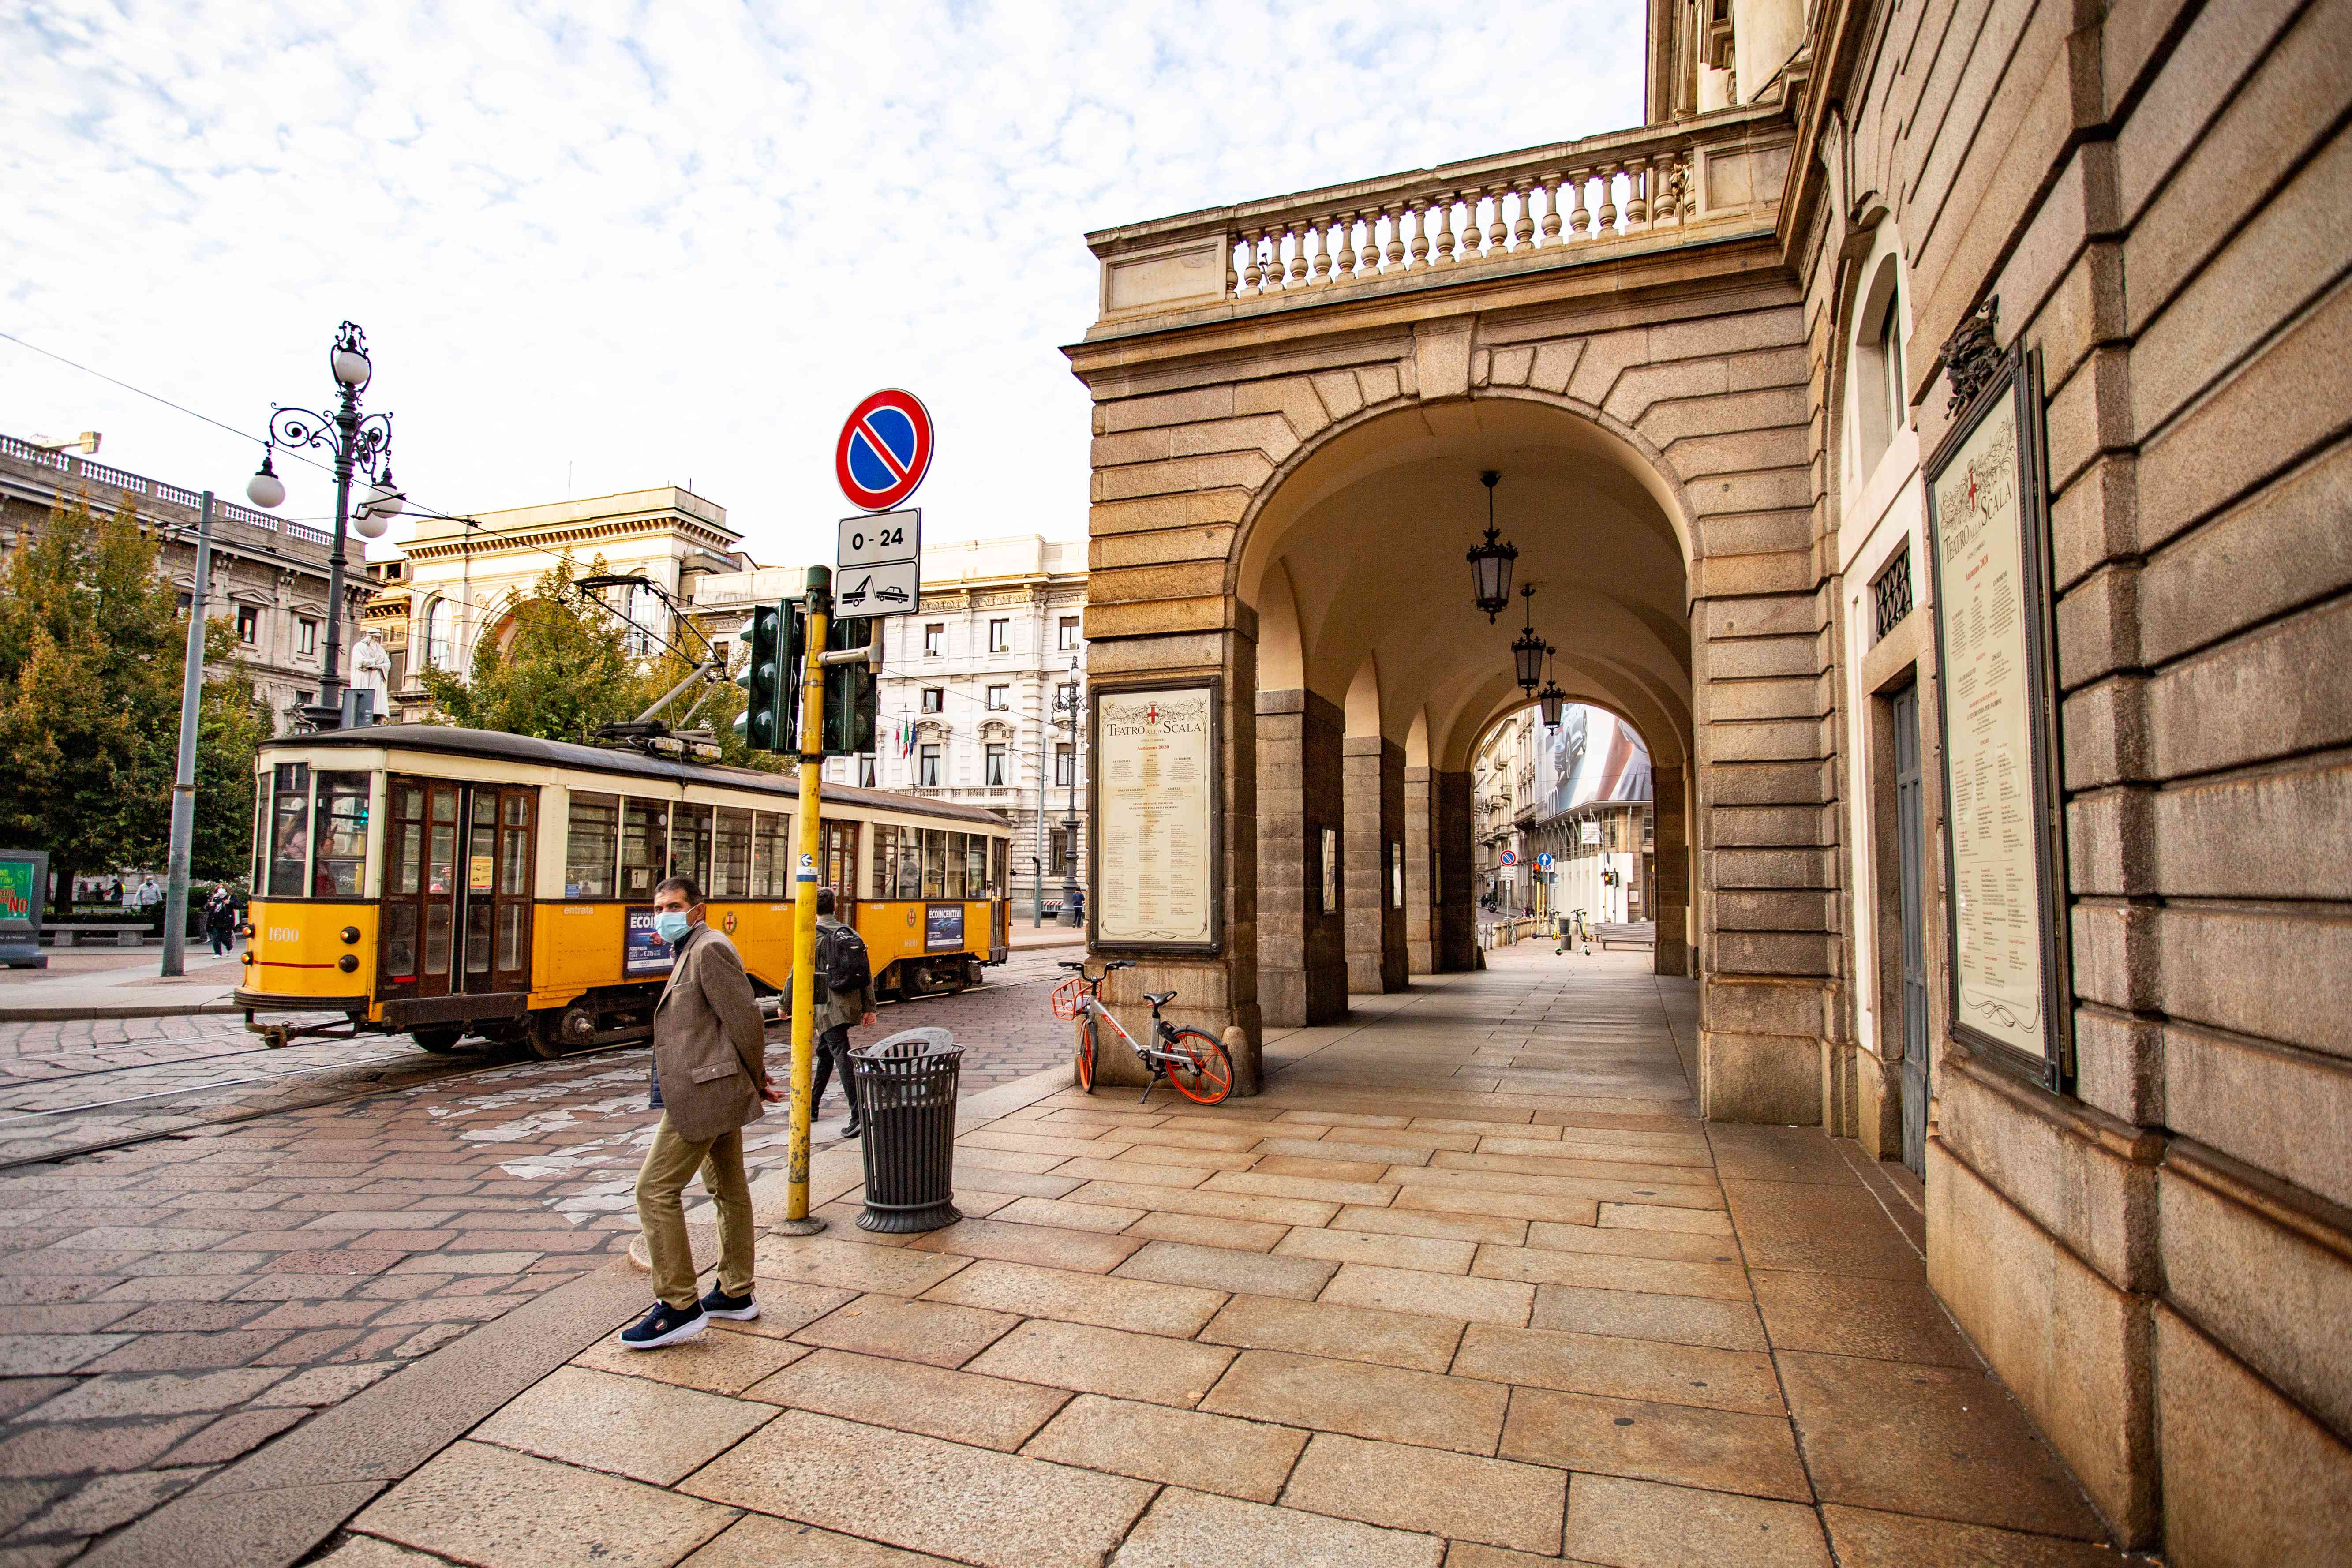 La Scala in Milan, Italy